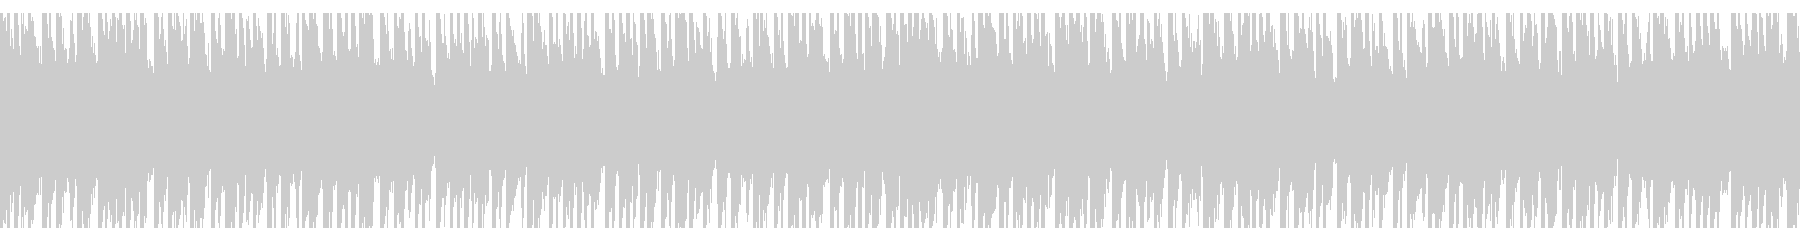 サニーサマー(ループ-30秒)の未再生の波形